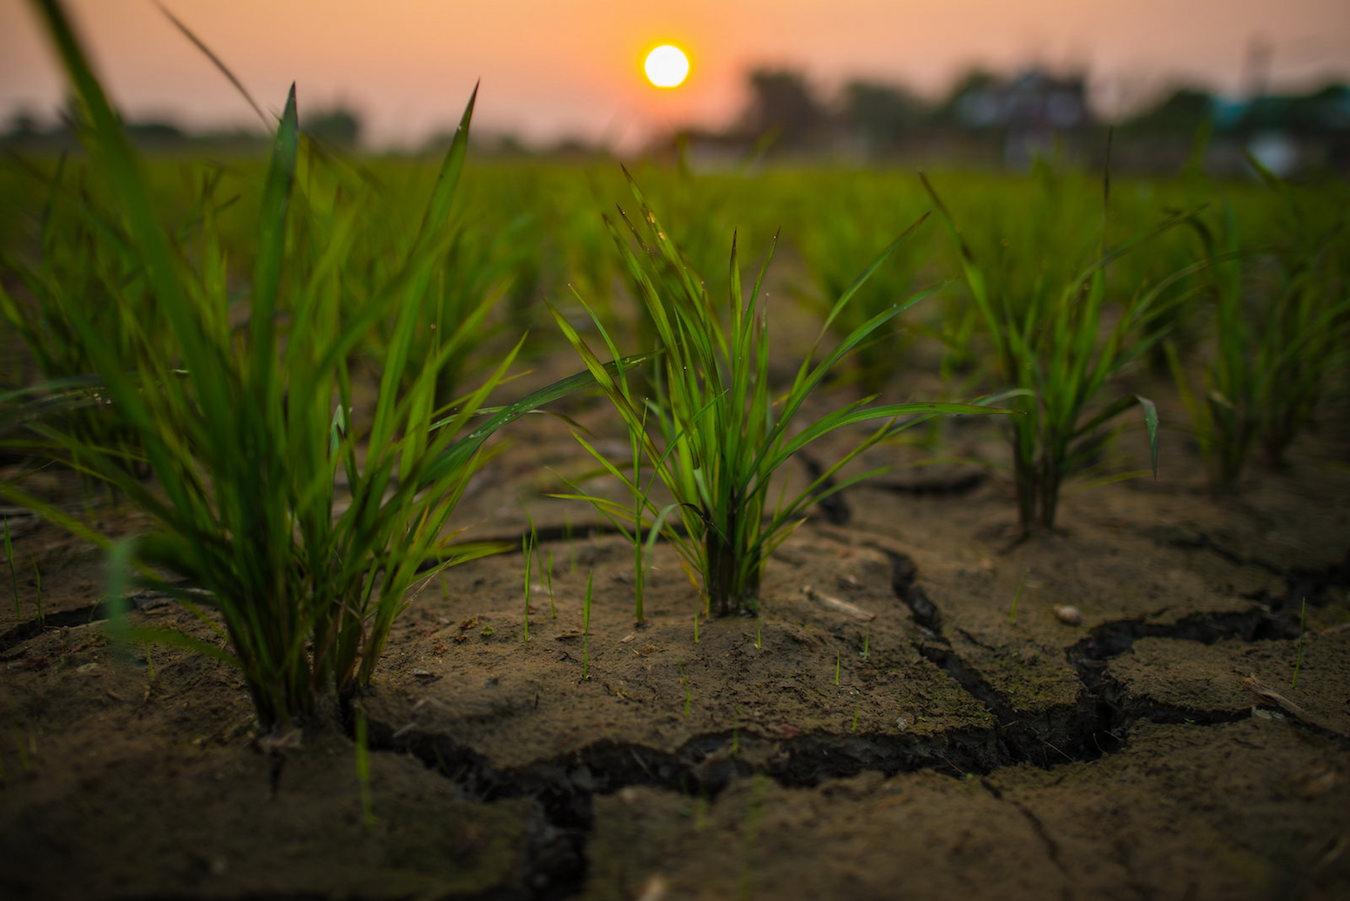 Champ de riz en situation de sécheresse. Asie. Photo (c) UNDP Thailand